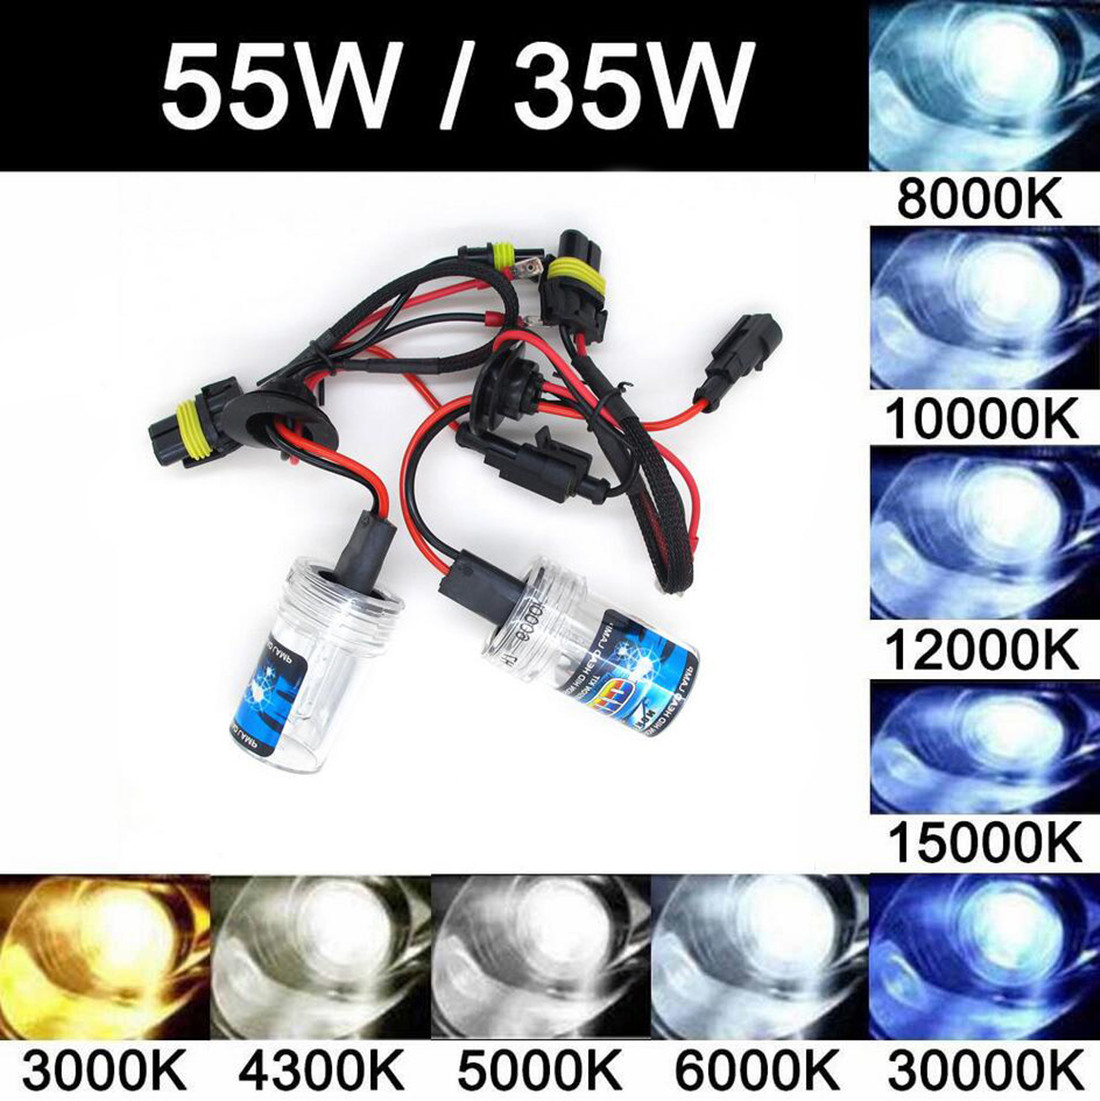 2x 55w 35w xenon hid replacement bulbs h1 h3 h7 h8 h9 h11 9005 9006 hb3 hb4 881 ebay. Black Bedroom Furniture Sets. Home Design Ideas